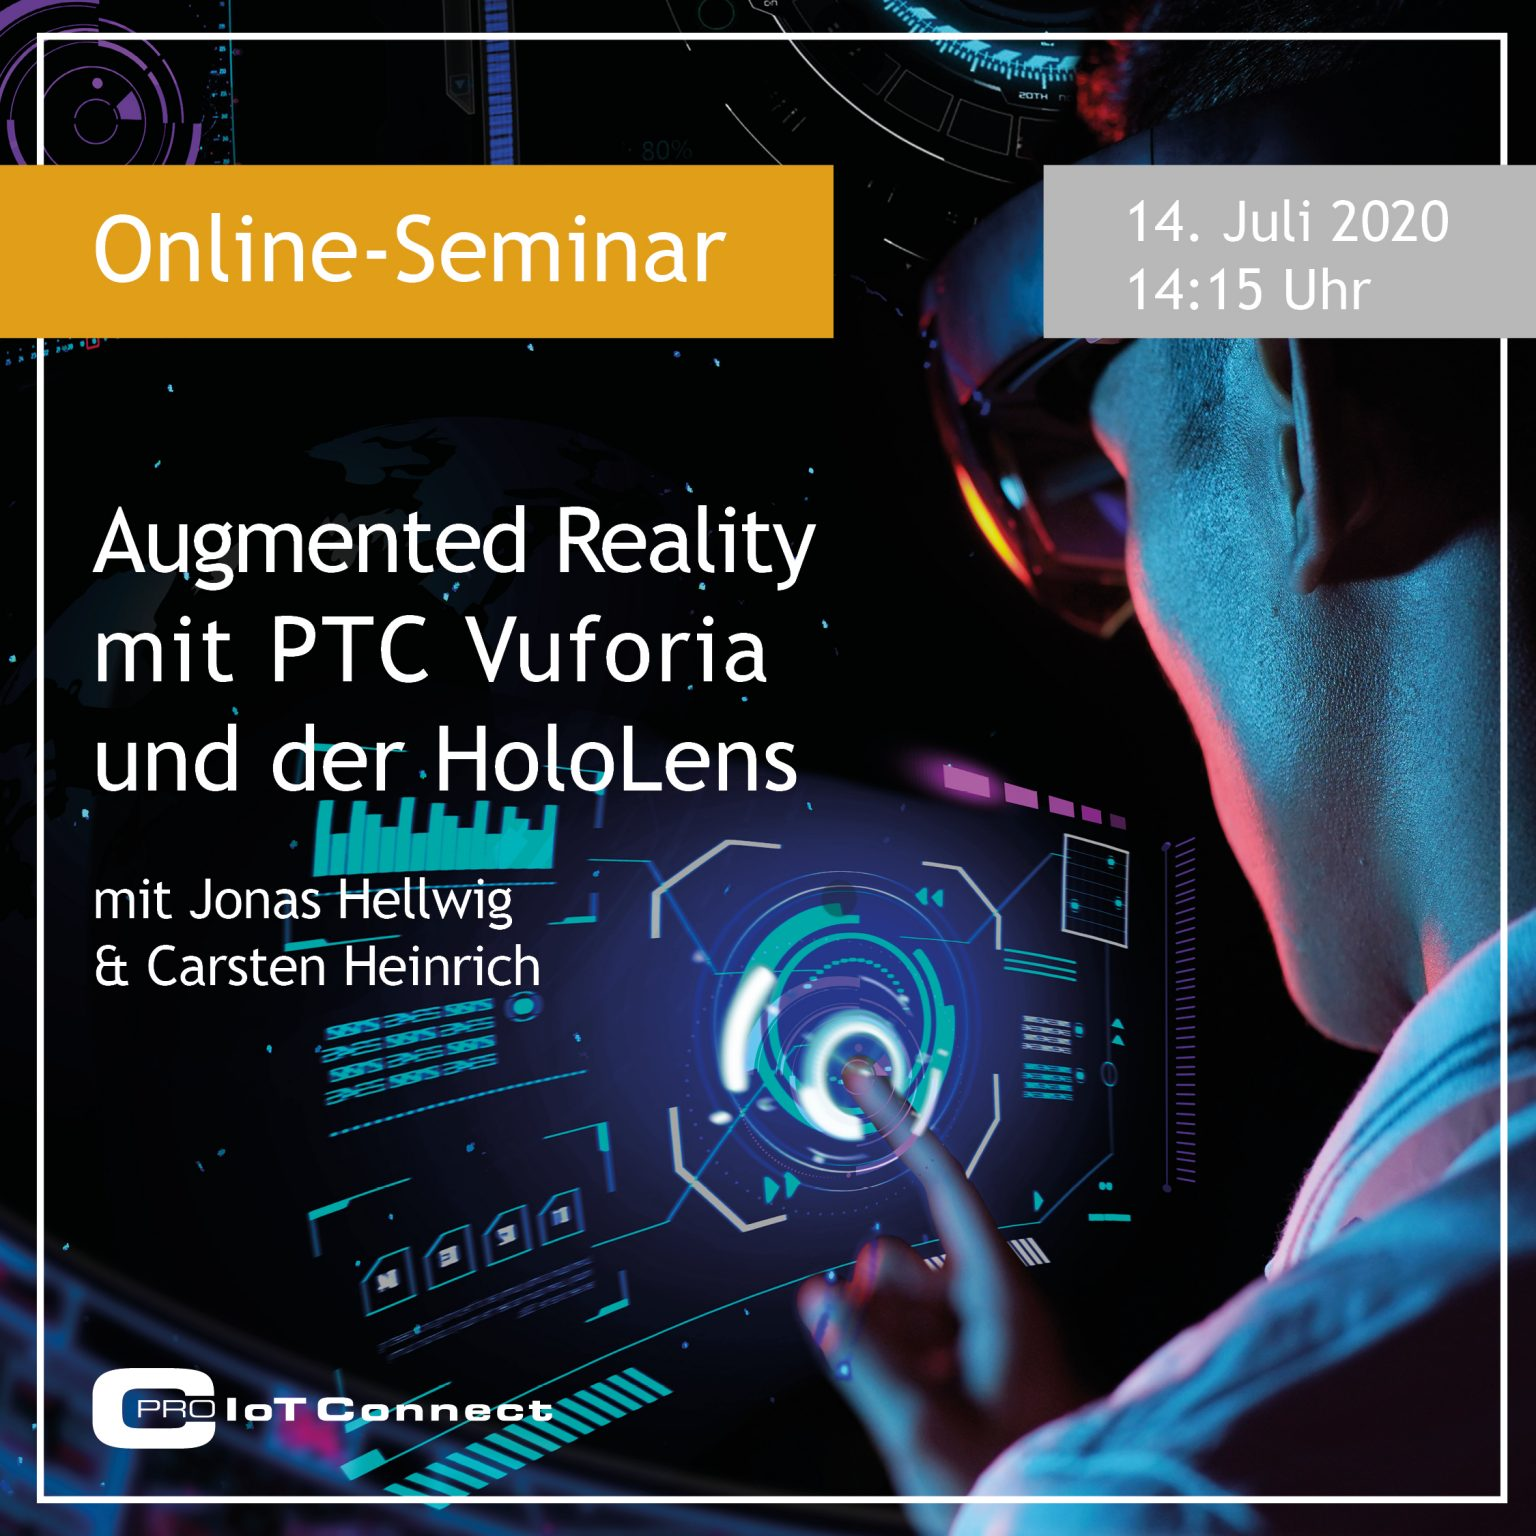 Online-Seminar - Augmented Reality mit PTC Vuforia und der HoloLens